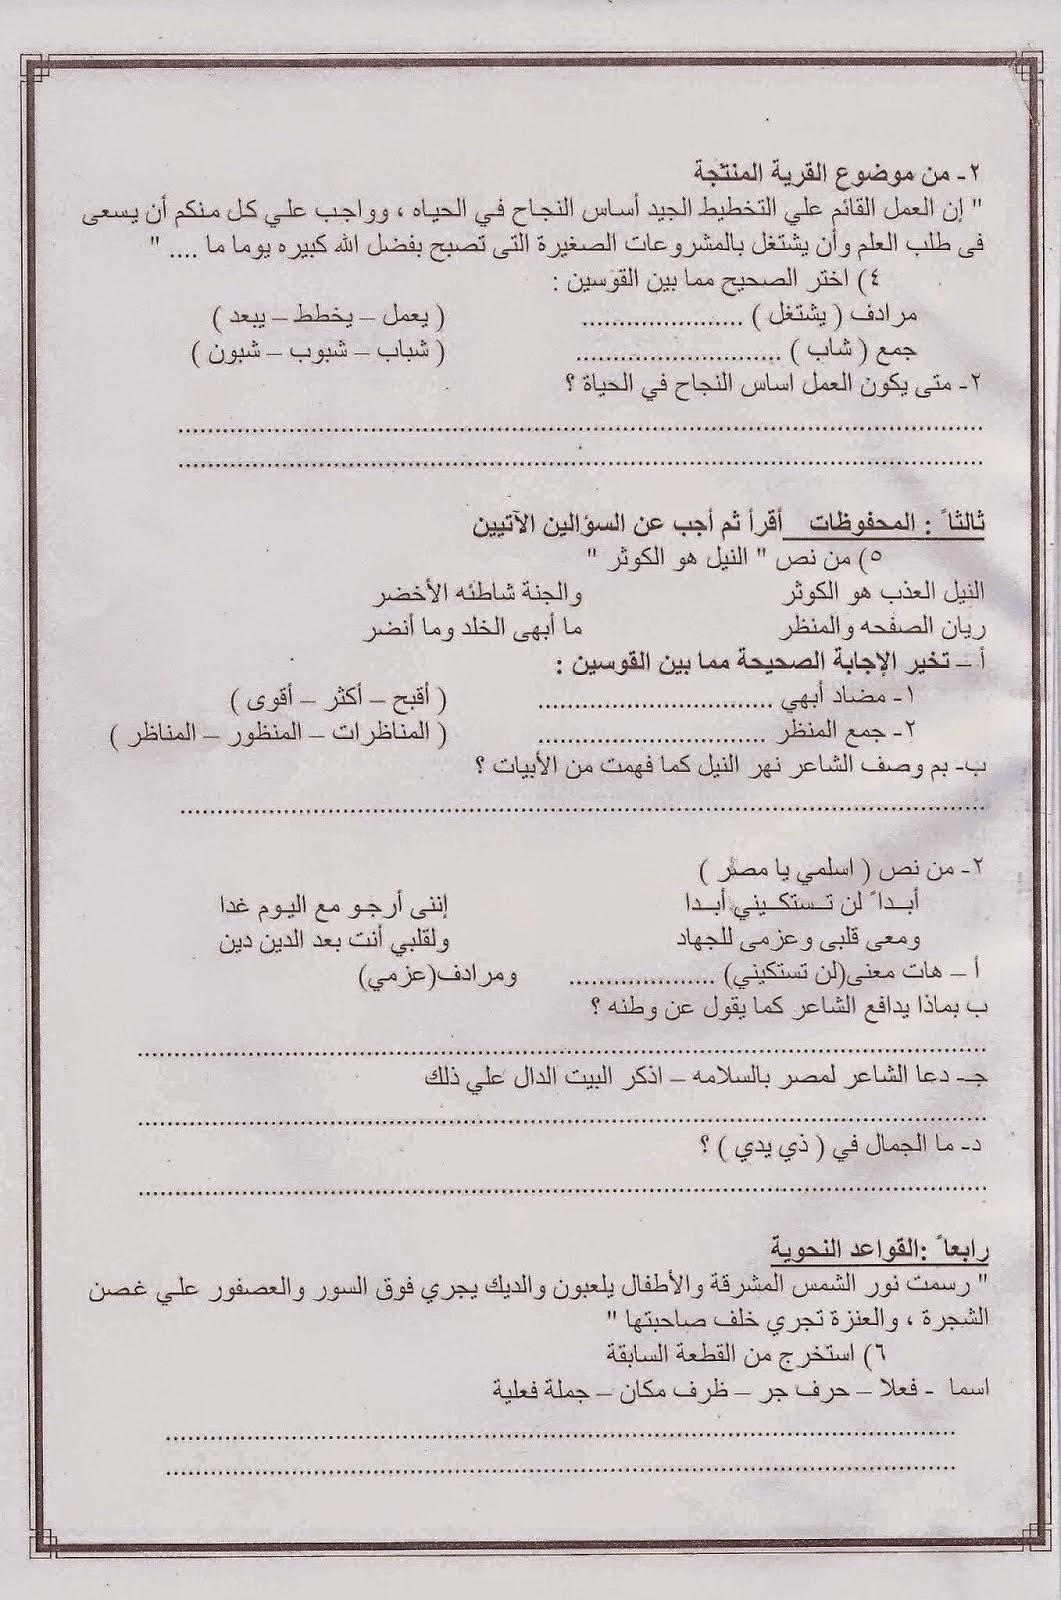 امتحانات كل مواد الصف الرابع الابتدائي الترم الأول 2015 مدارس مصر حكومى و لغات scan0085.jpg